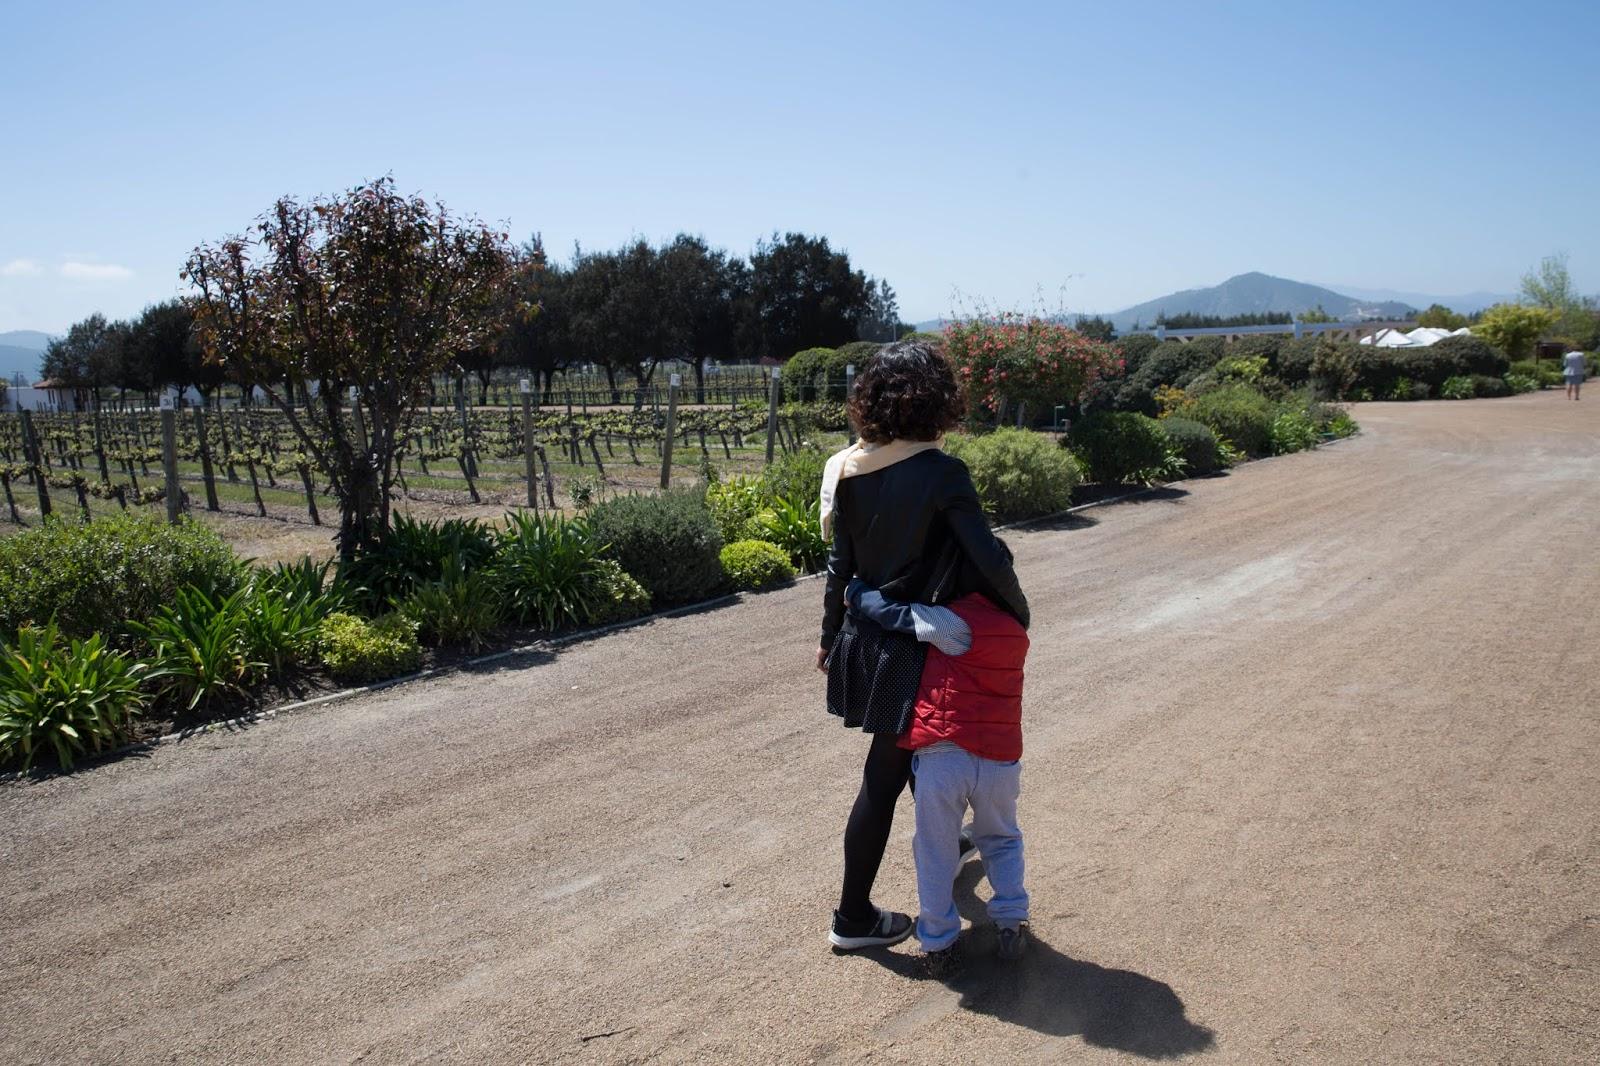 Vinícola com criança Casas del bosque Vale de Casablanca Vinicola chilena